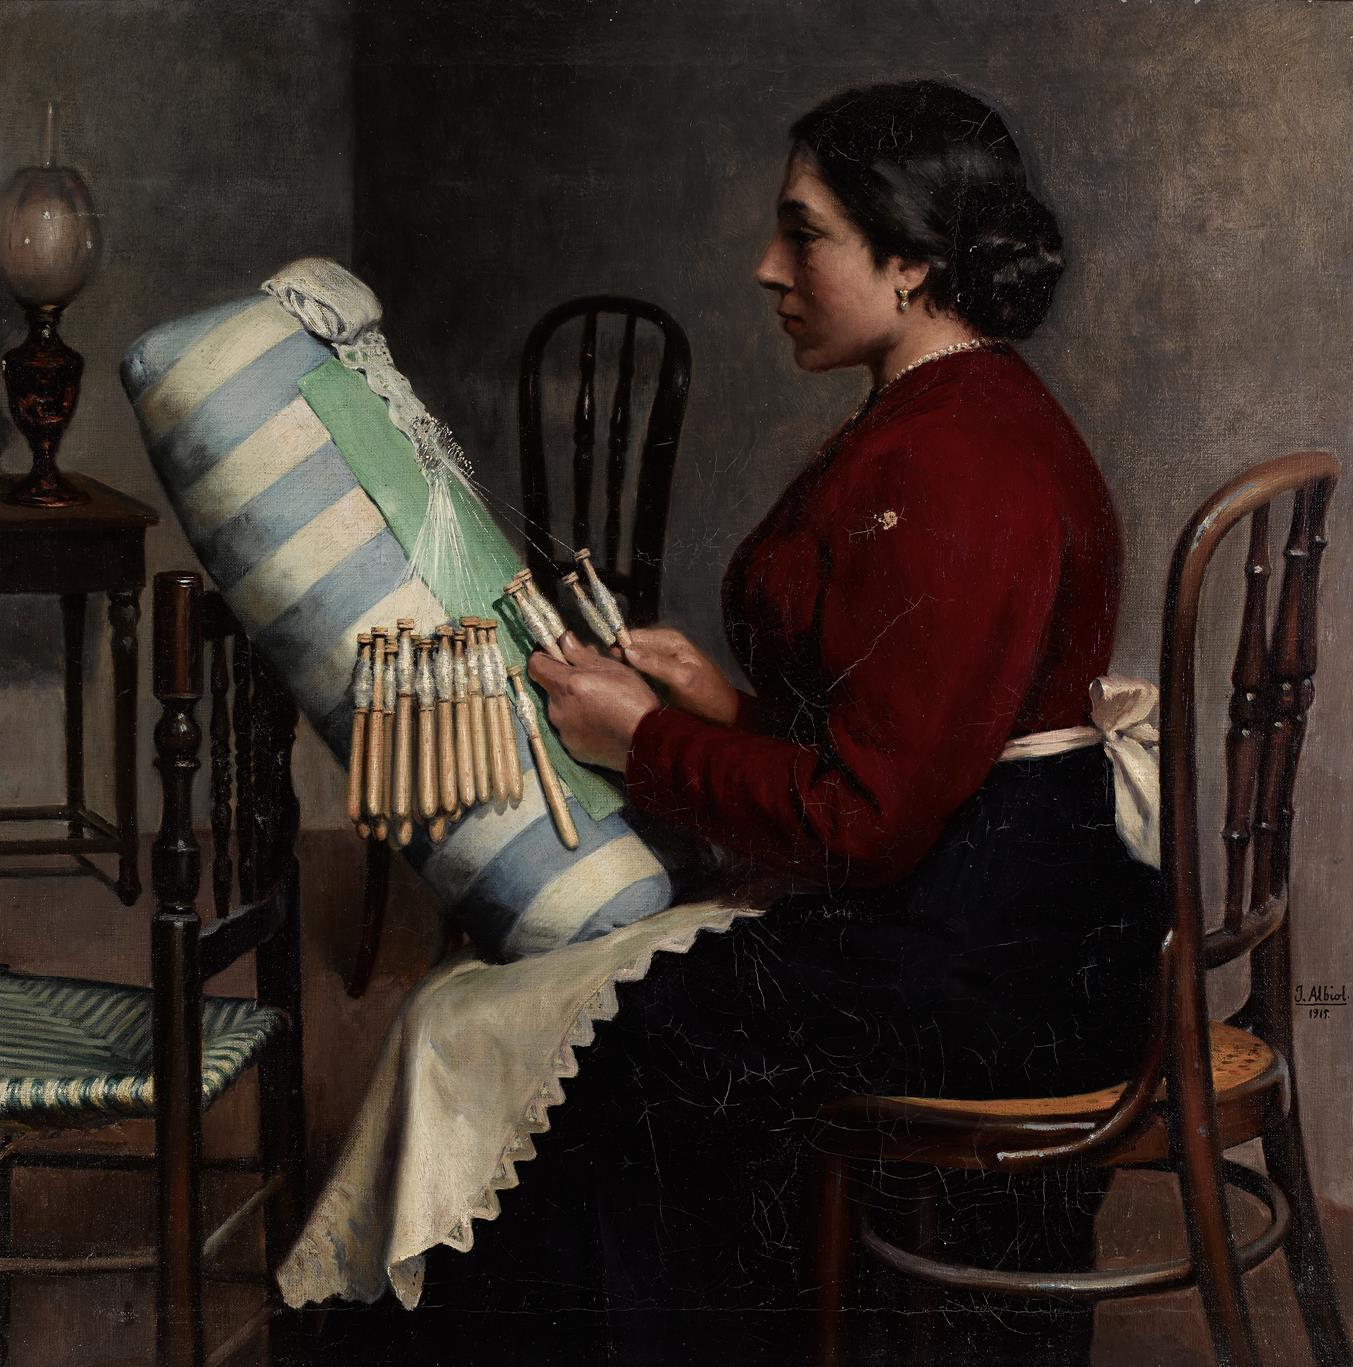 Mujer haciendo bolillos (2020) - José Albiol Lopez